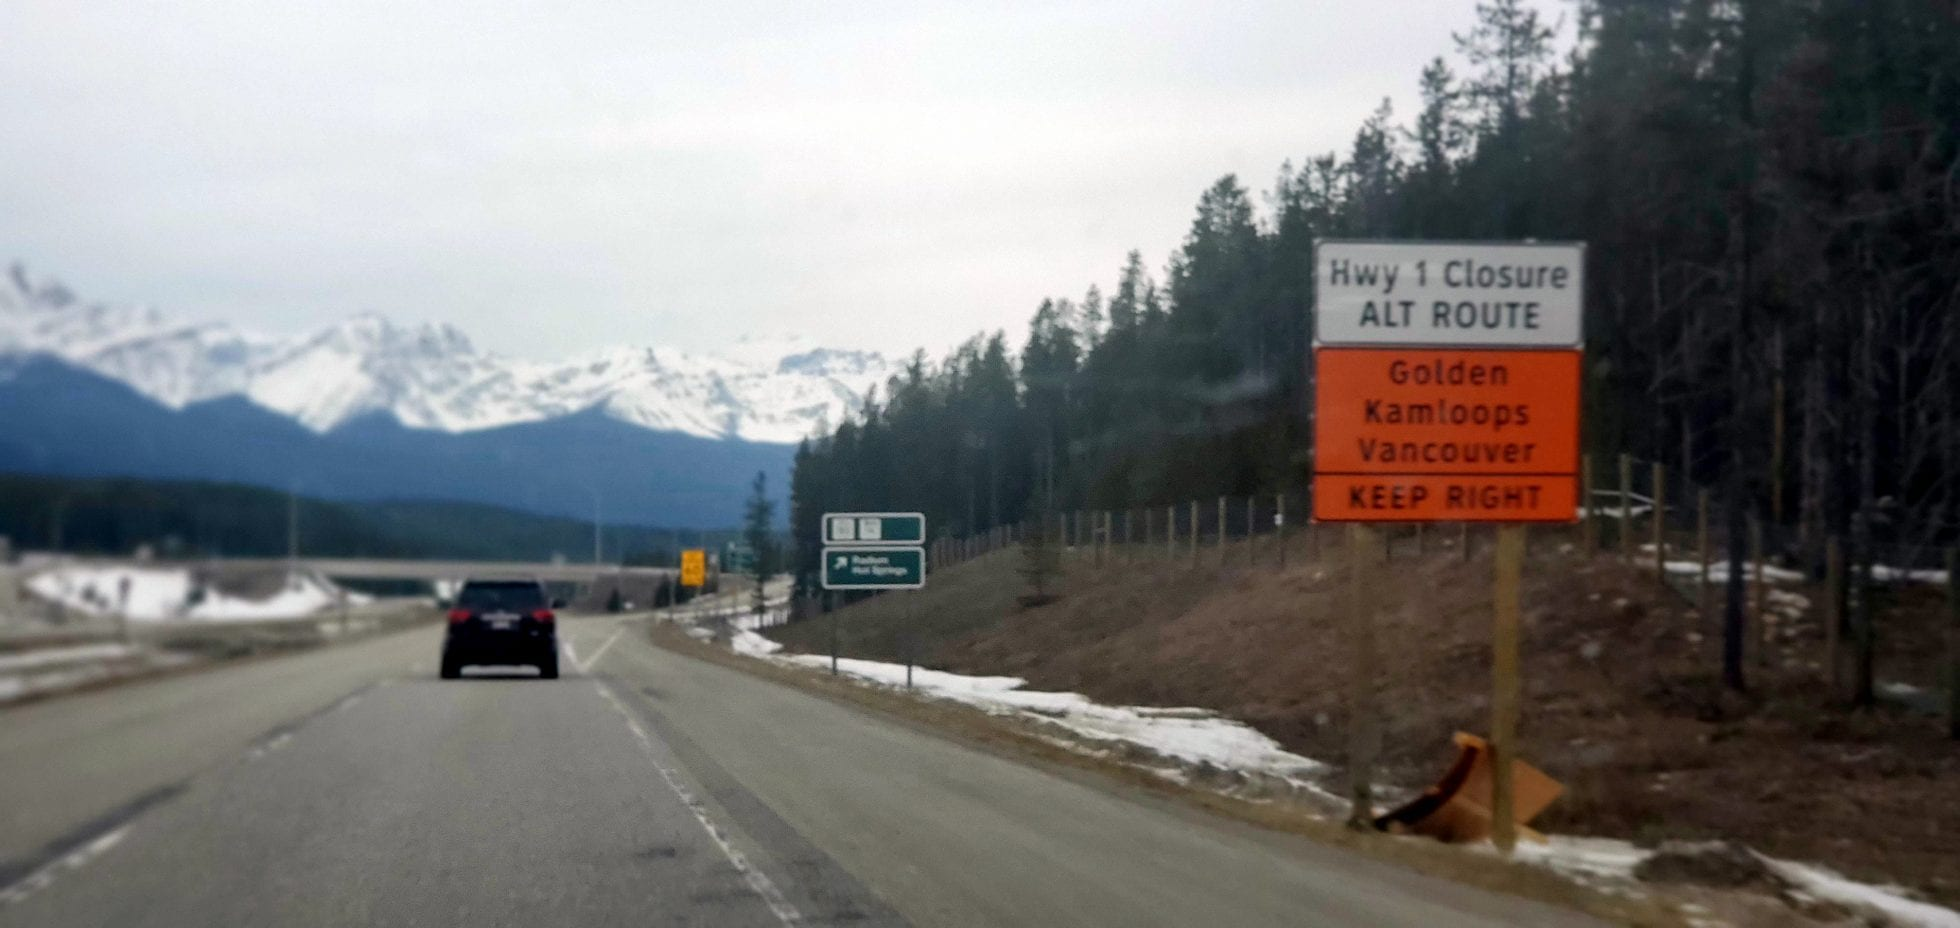 Radium Detour Signage